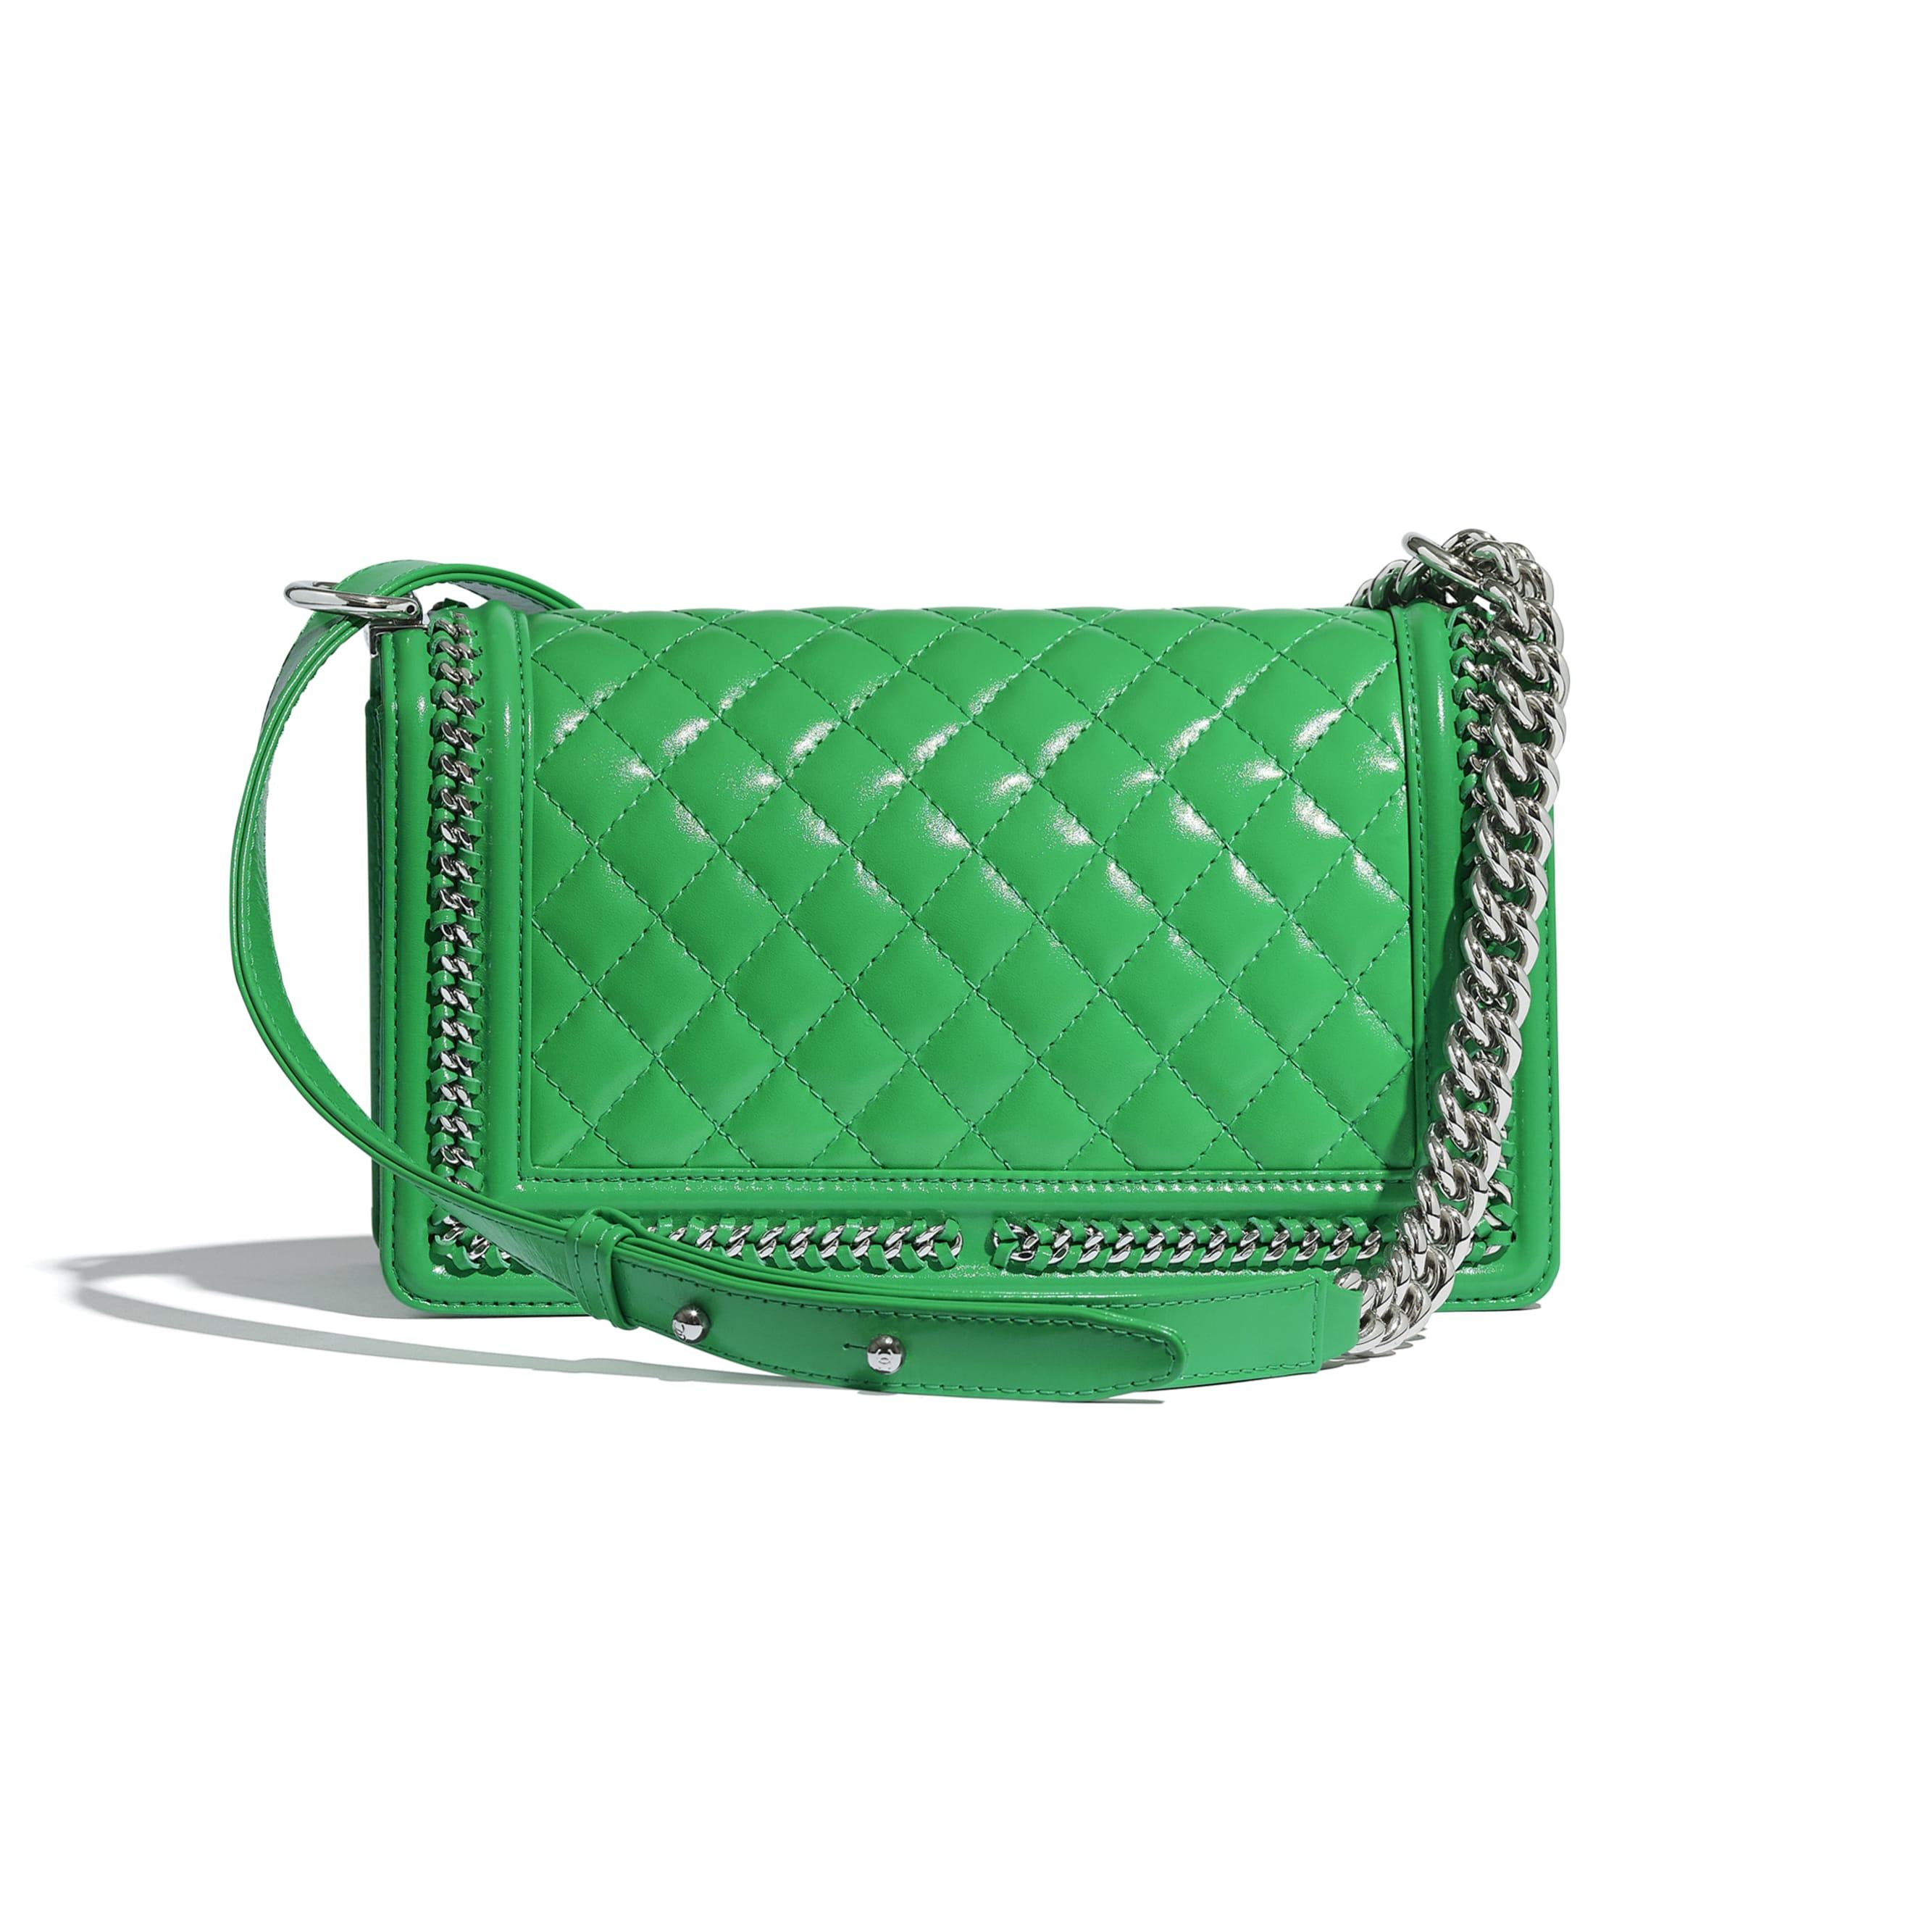 Sac BOY CHANEL - Vert - Veau & métal argenté - CHANEL - Vue alternative - voir la version taille standard